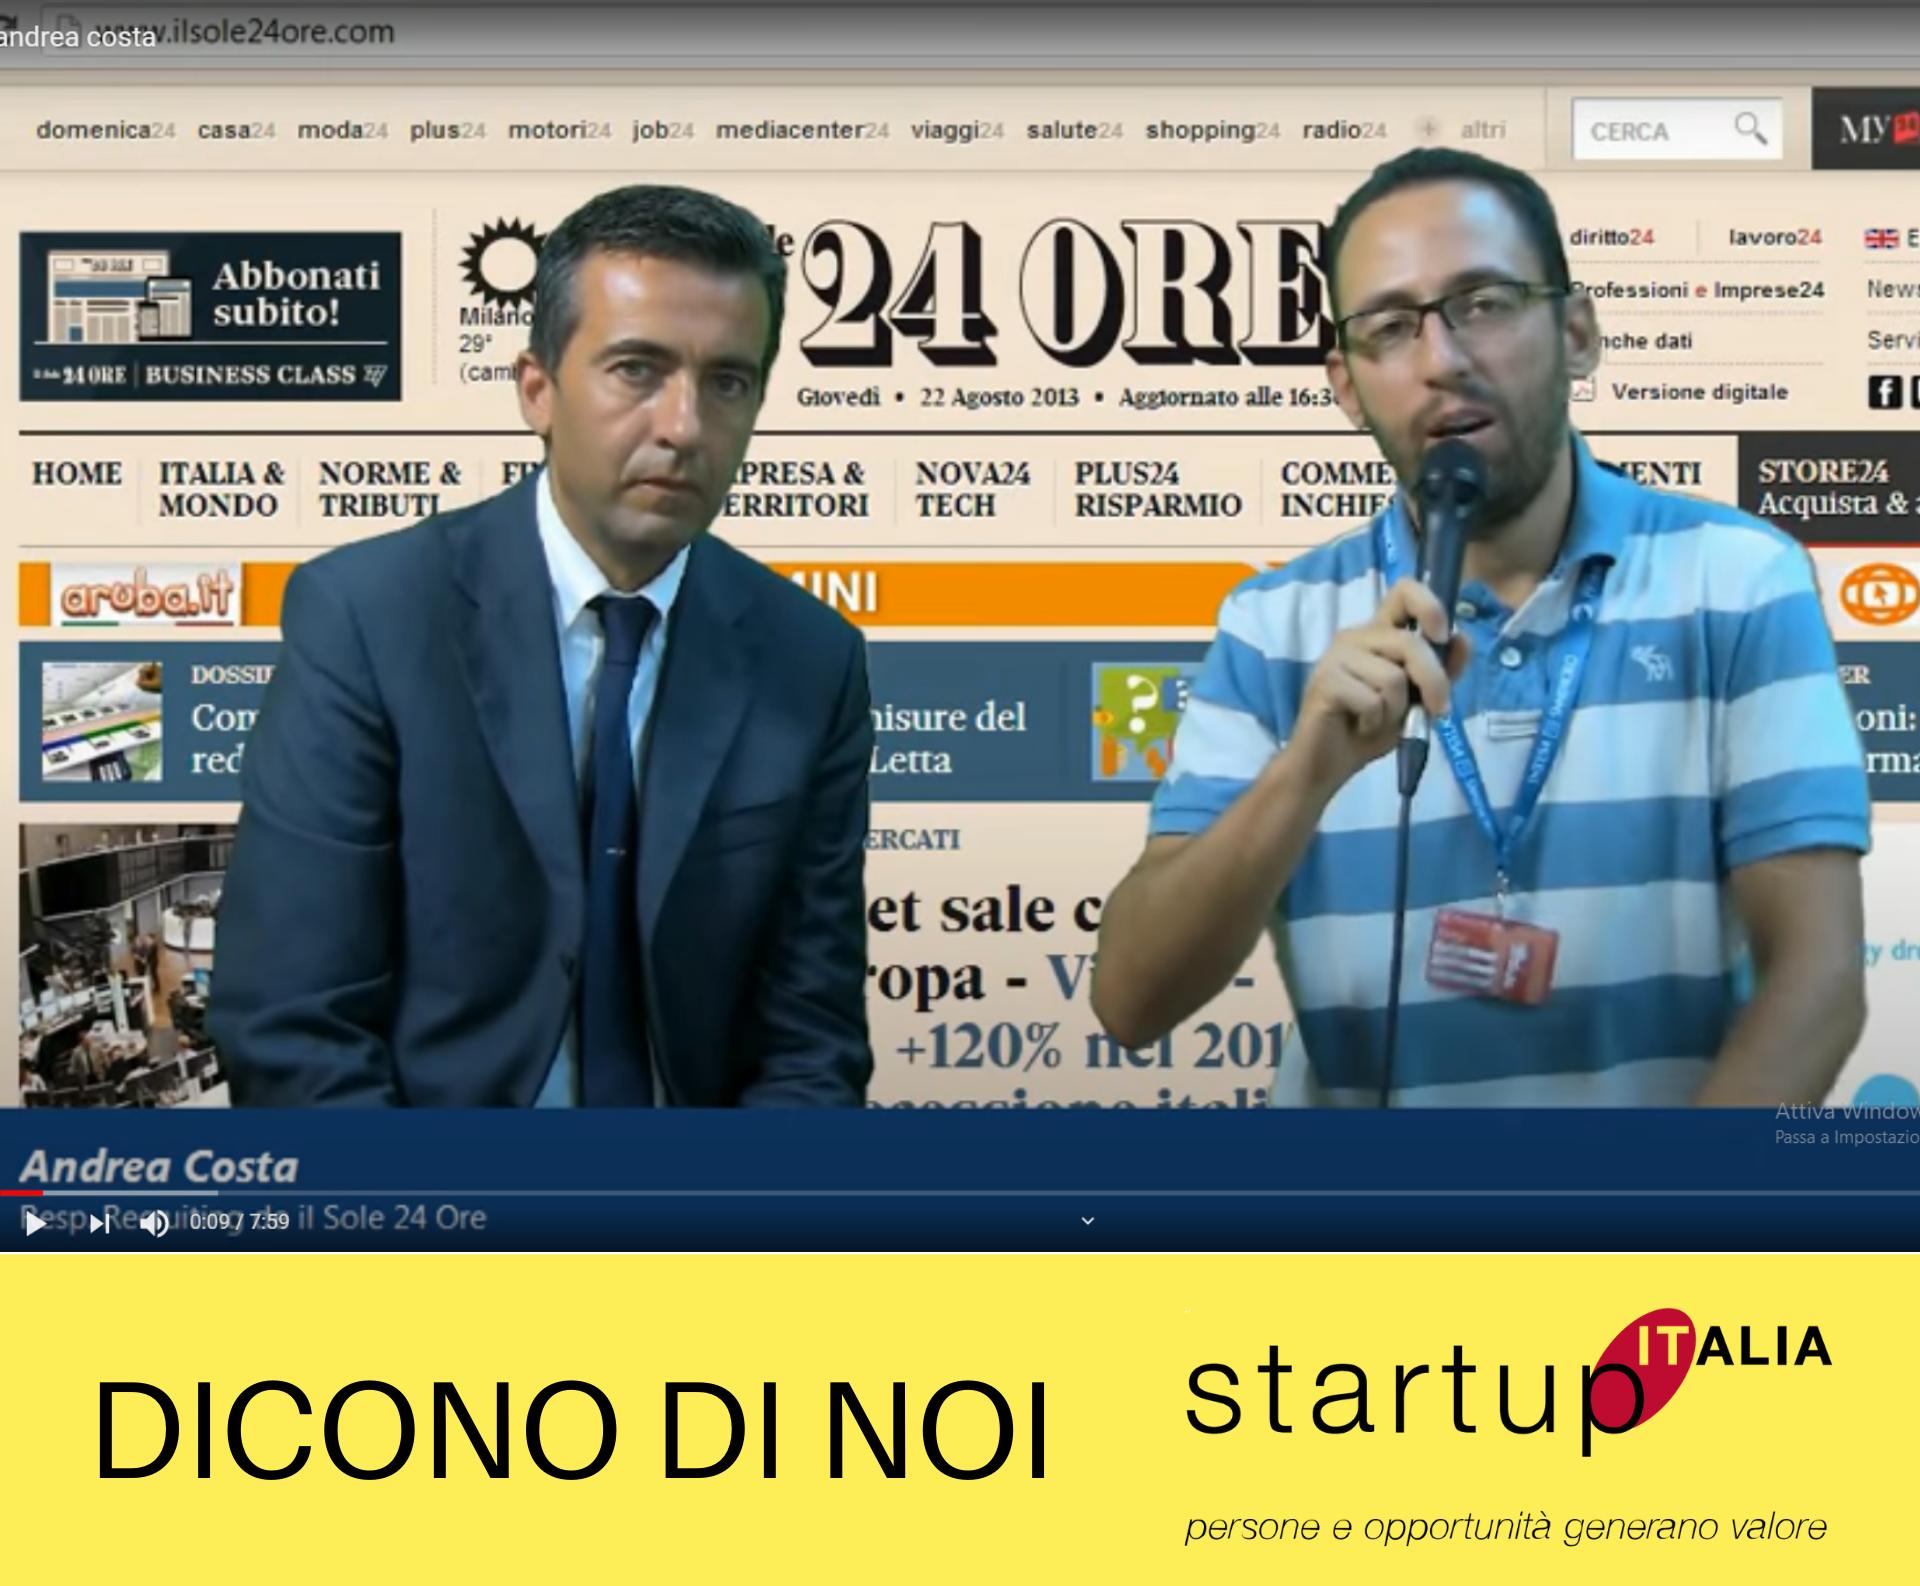 Andrea Costa – Responsabile Sales Academy & Recruiting Il Sole 24 Ore